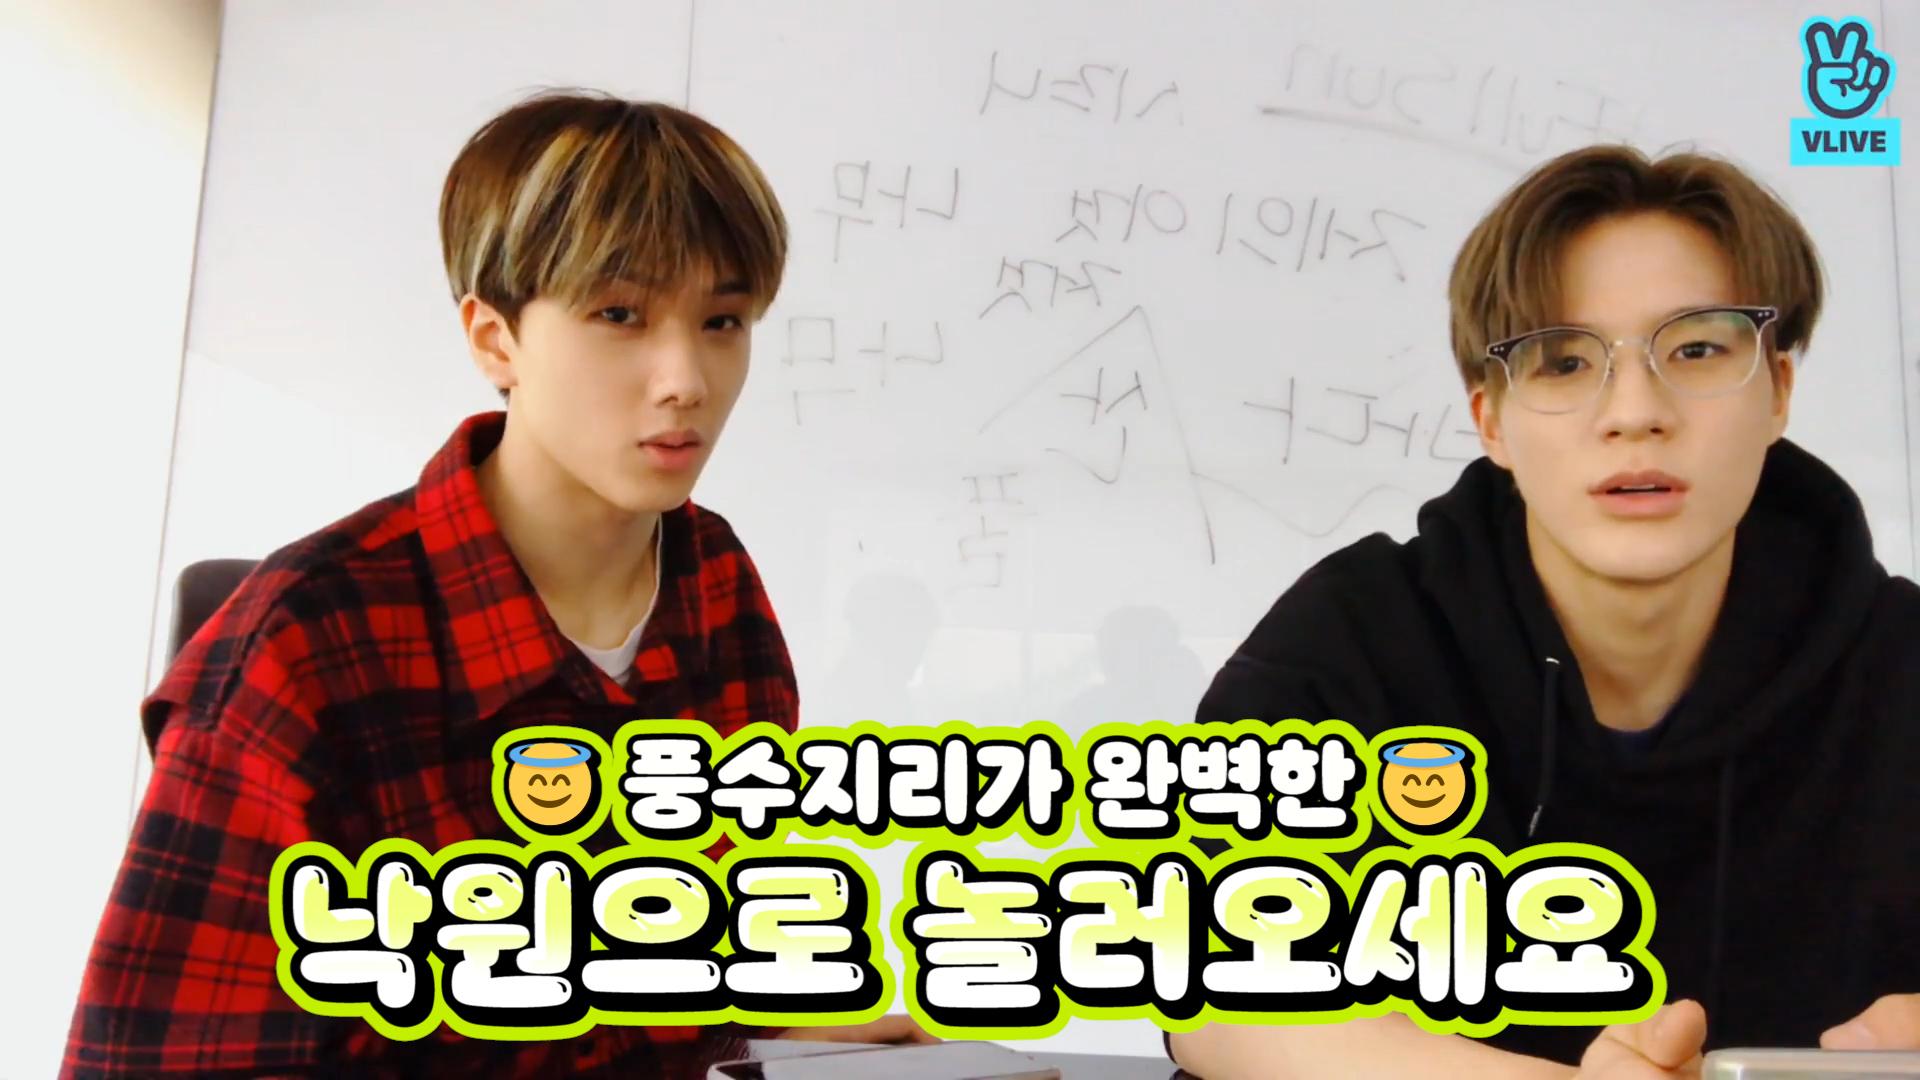 [NCT] 눈물로 만든 강까지 배산임수 완벽한 낙원으로 놀러오세요🌊🌴 (JISUNG&JENO talking about their BeyondLIVE)